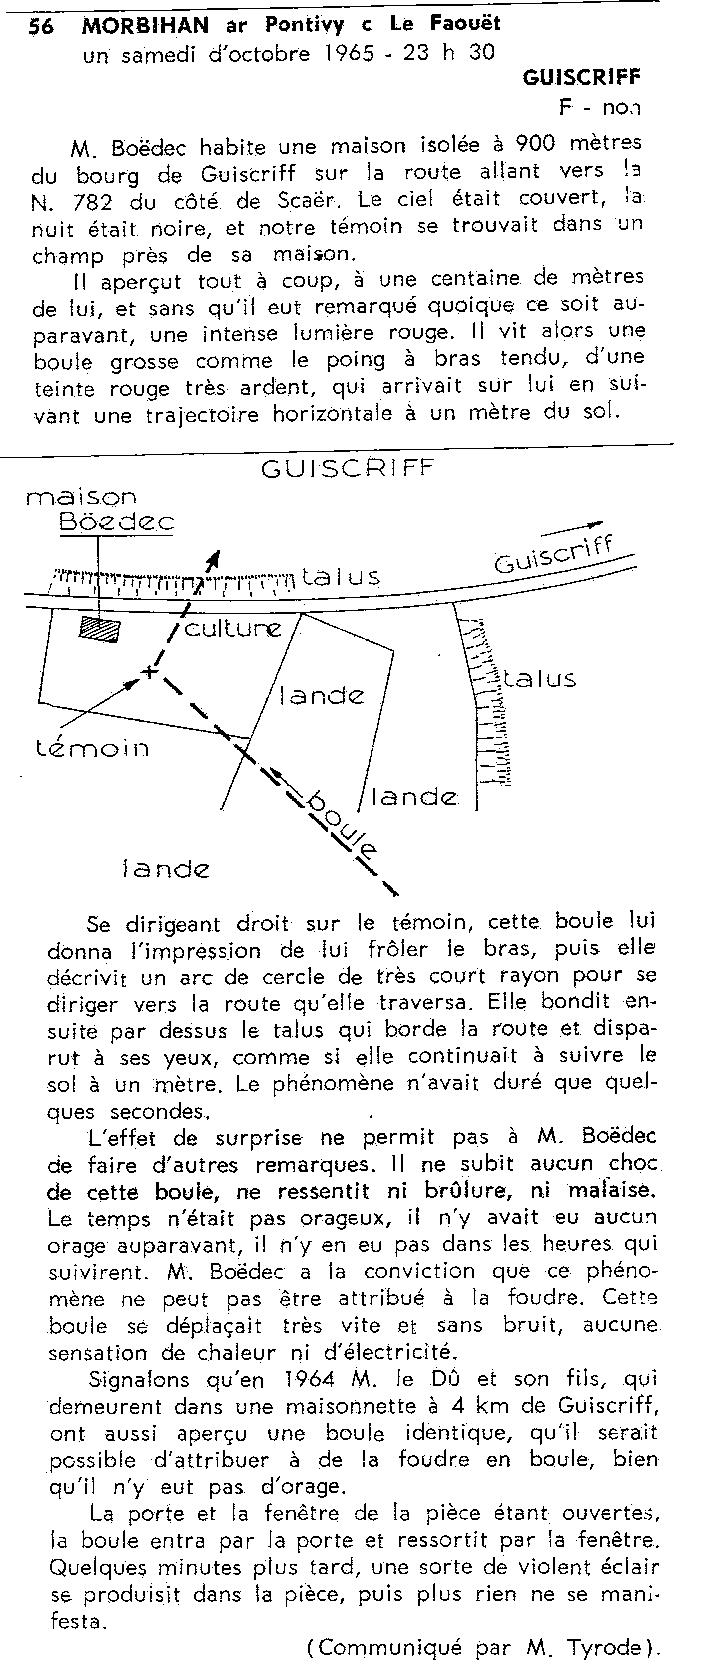 1967: le / à  - Disques lumineux - Forêt de Pontcalleck (56)  - Page 2 19657